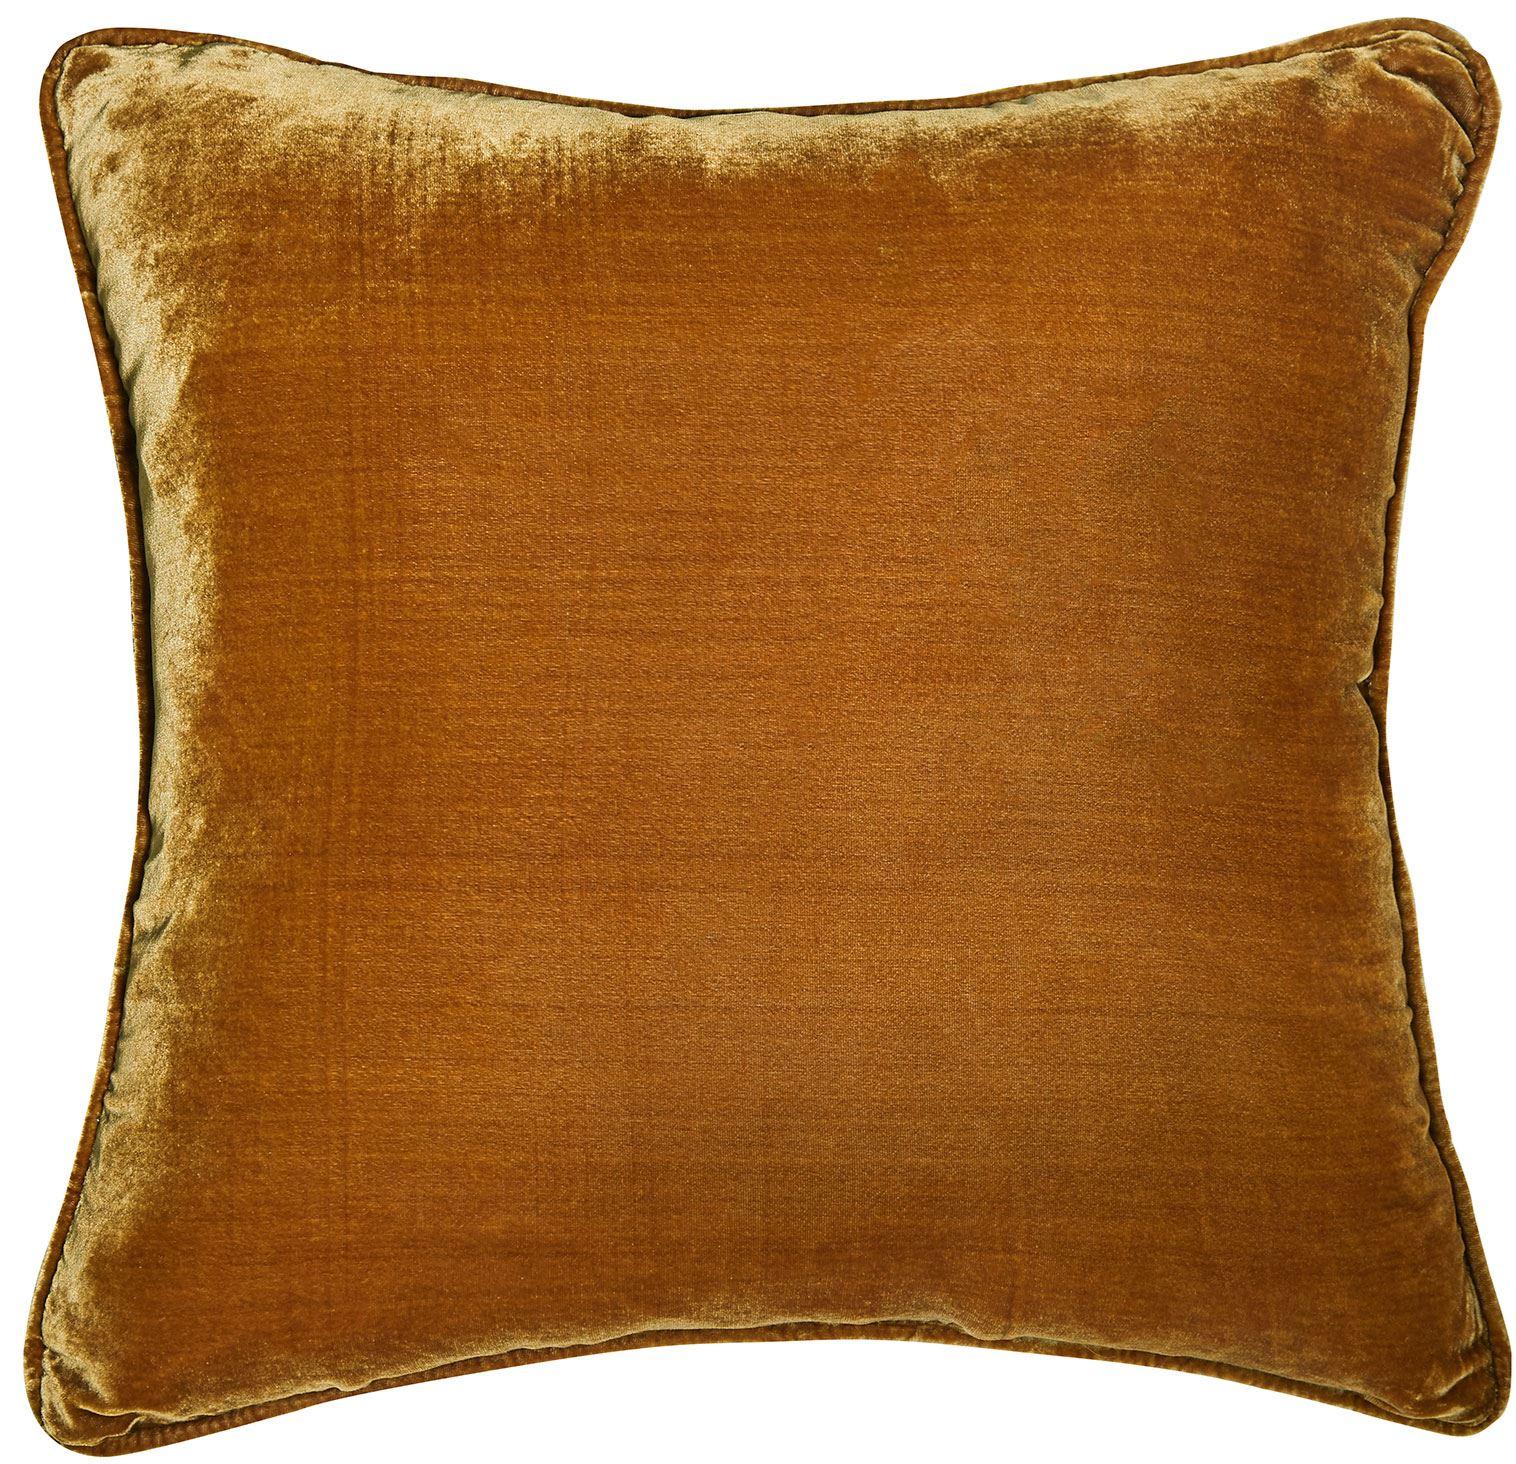 Picture of Silk Velvet Cushion - Gold